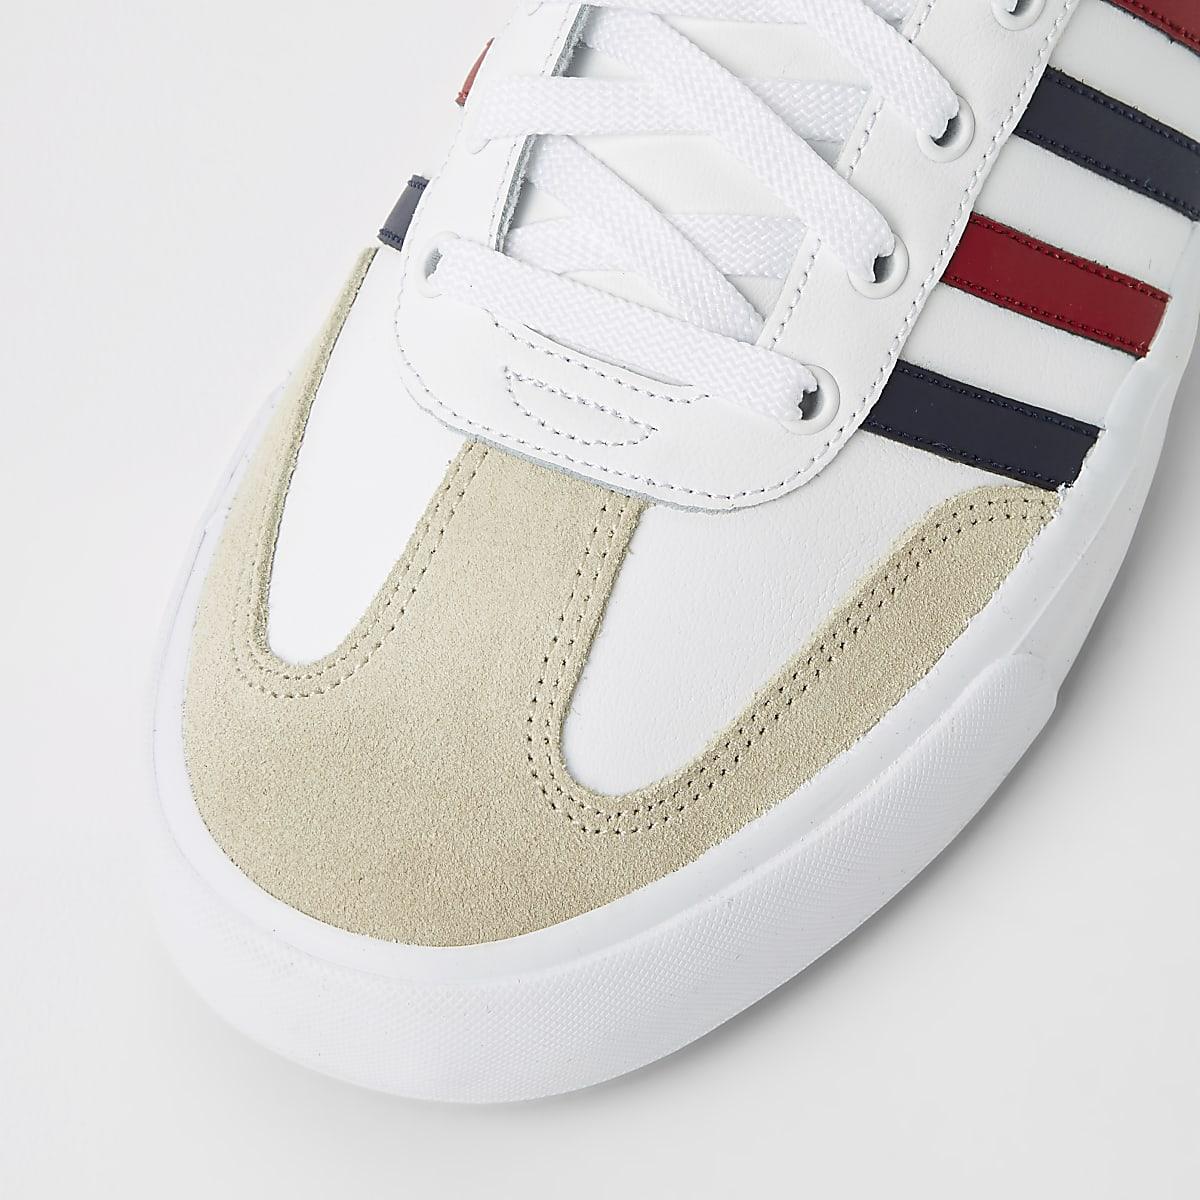 f8562ac0b15 K-Swiss - Witte leren sneakers met strepen - Sneakers - Schoenen ...